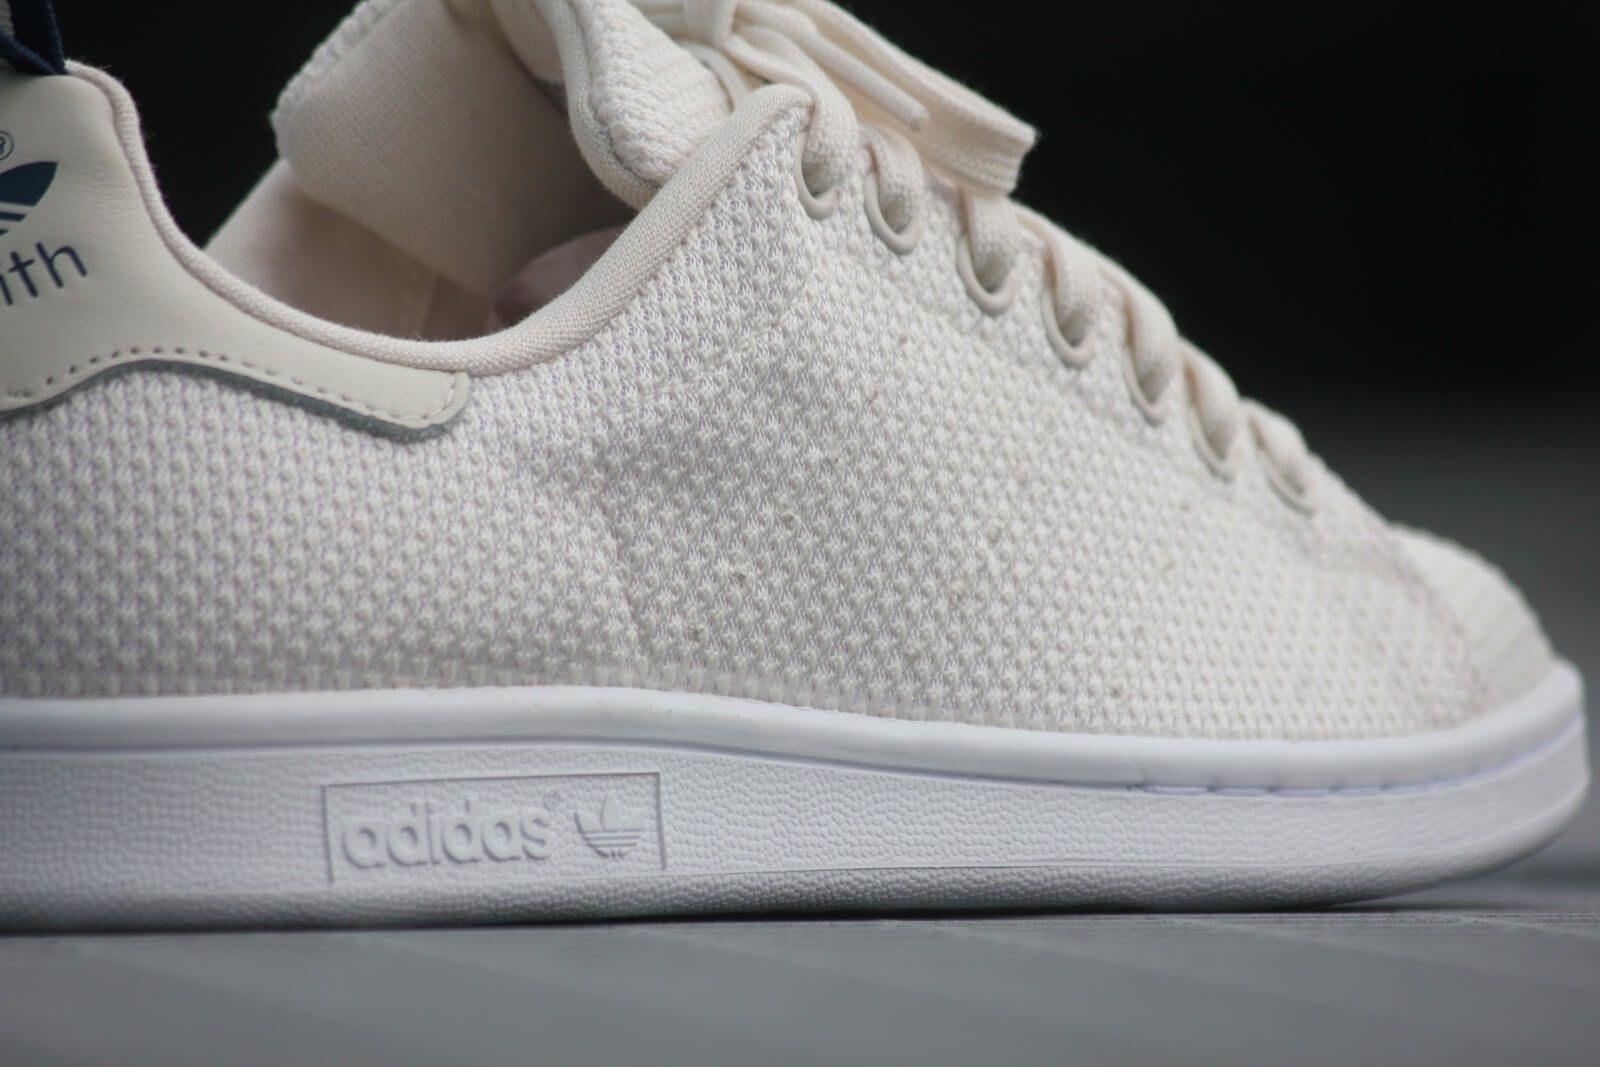 Adidas Stan Smith CK Core White